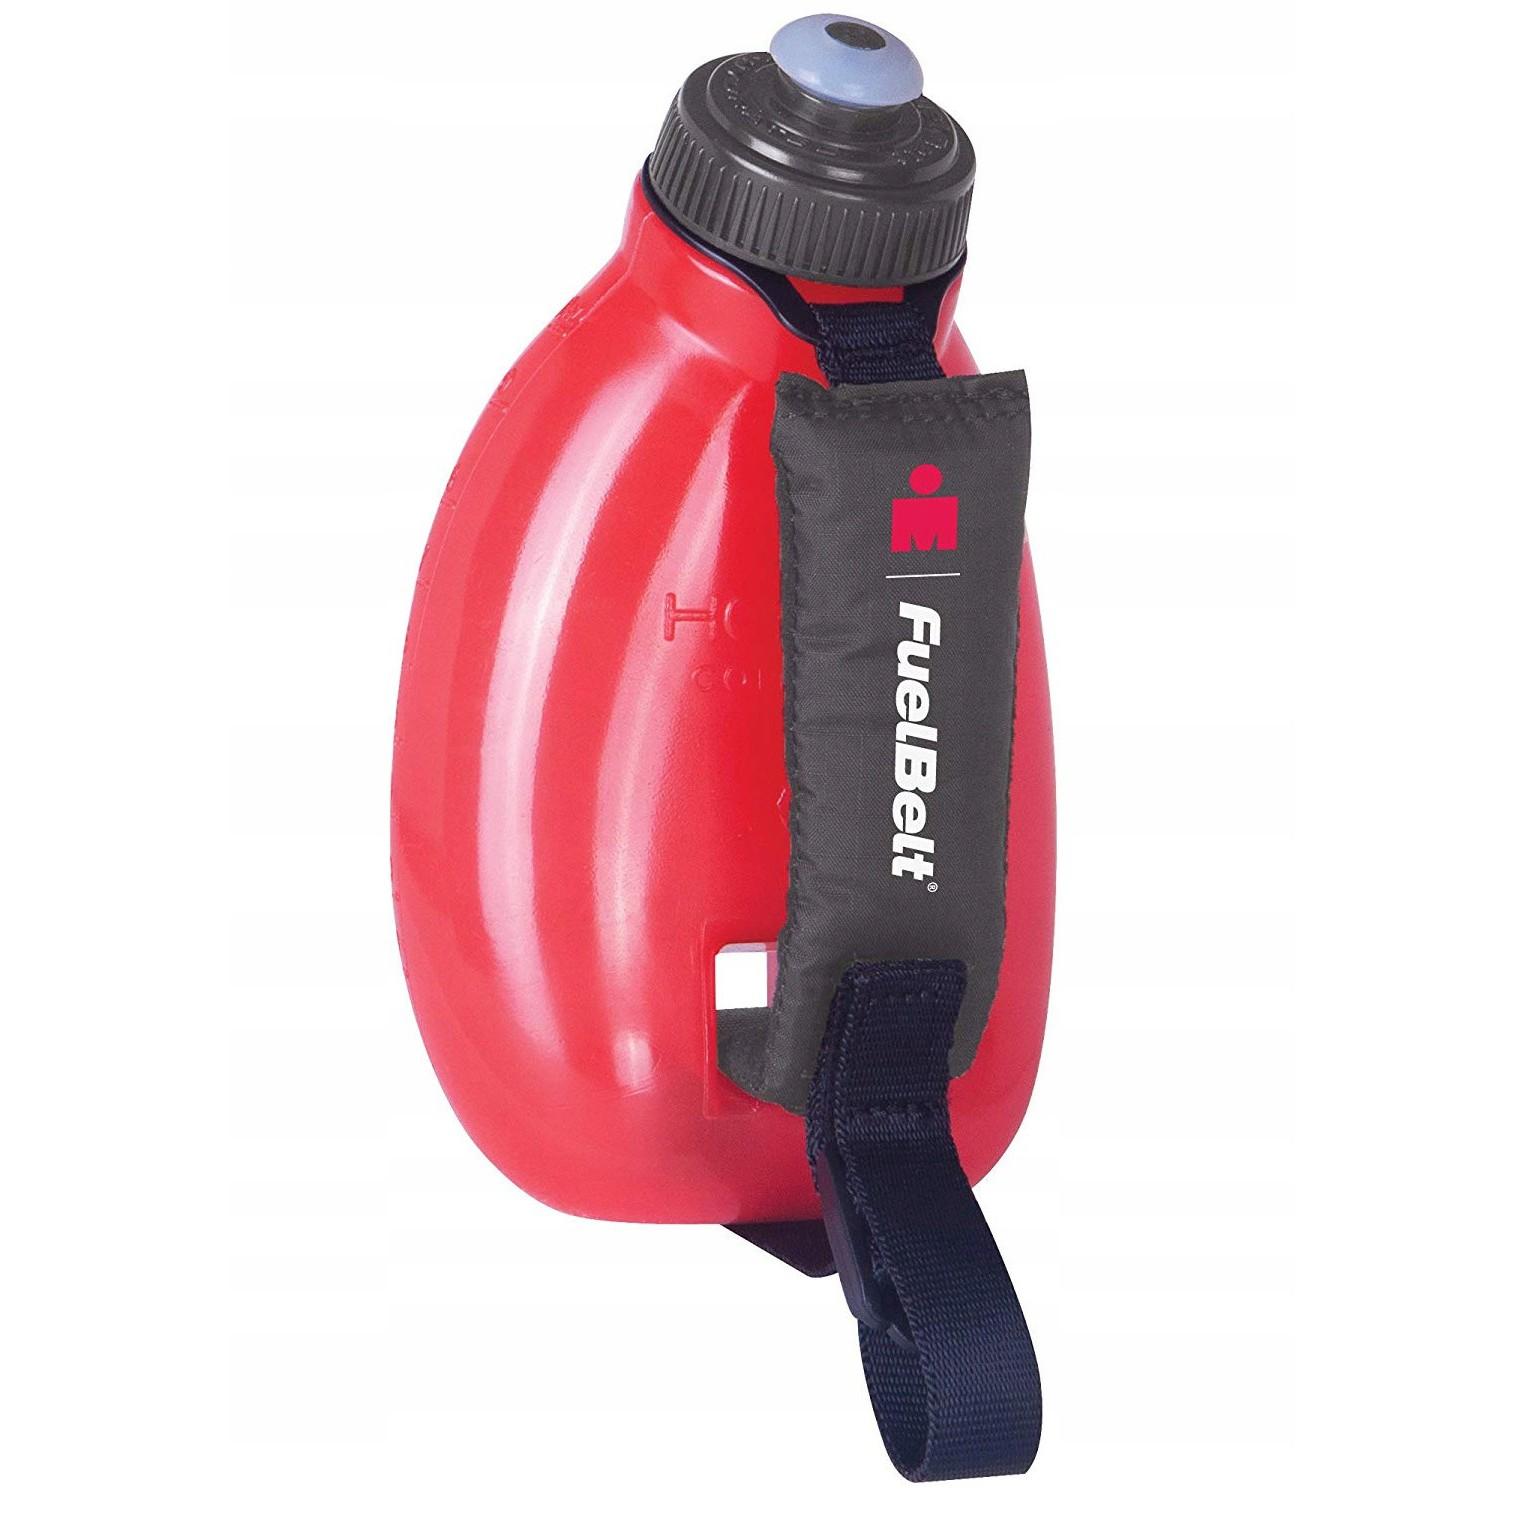 praktická láhev na vodu pro běžce do ruky 300ml megamix.shop